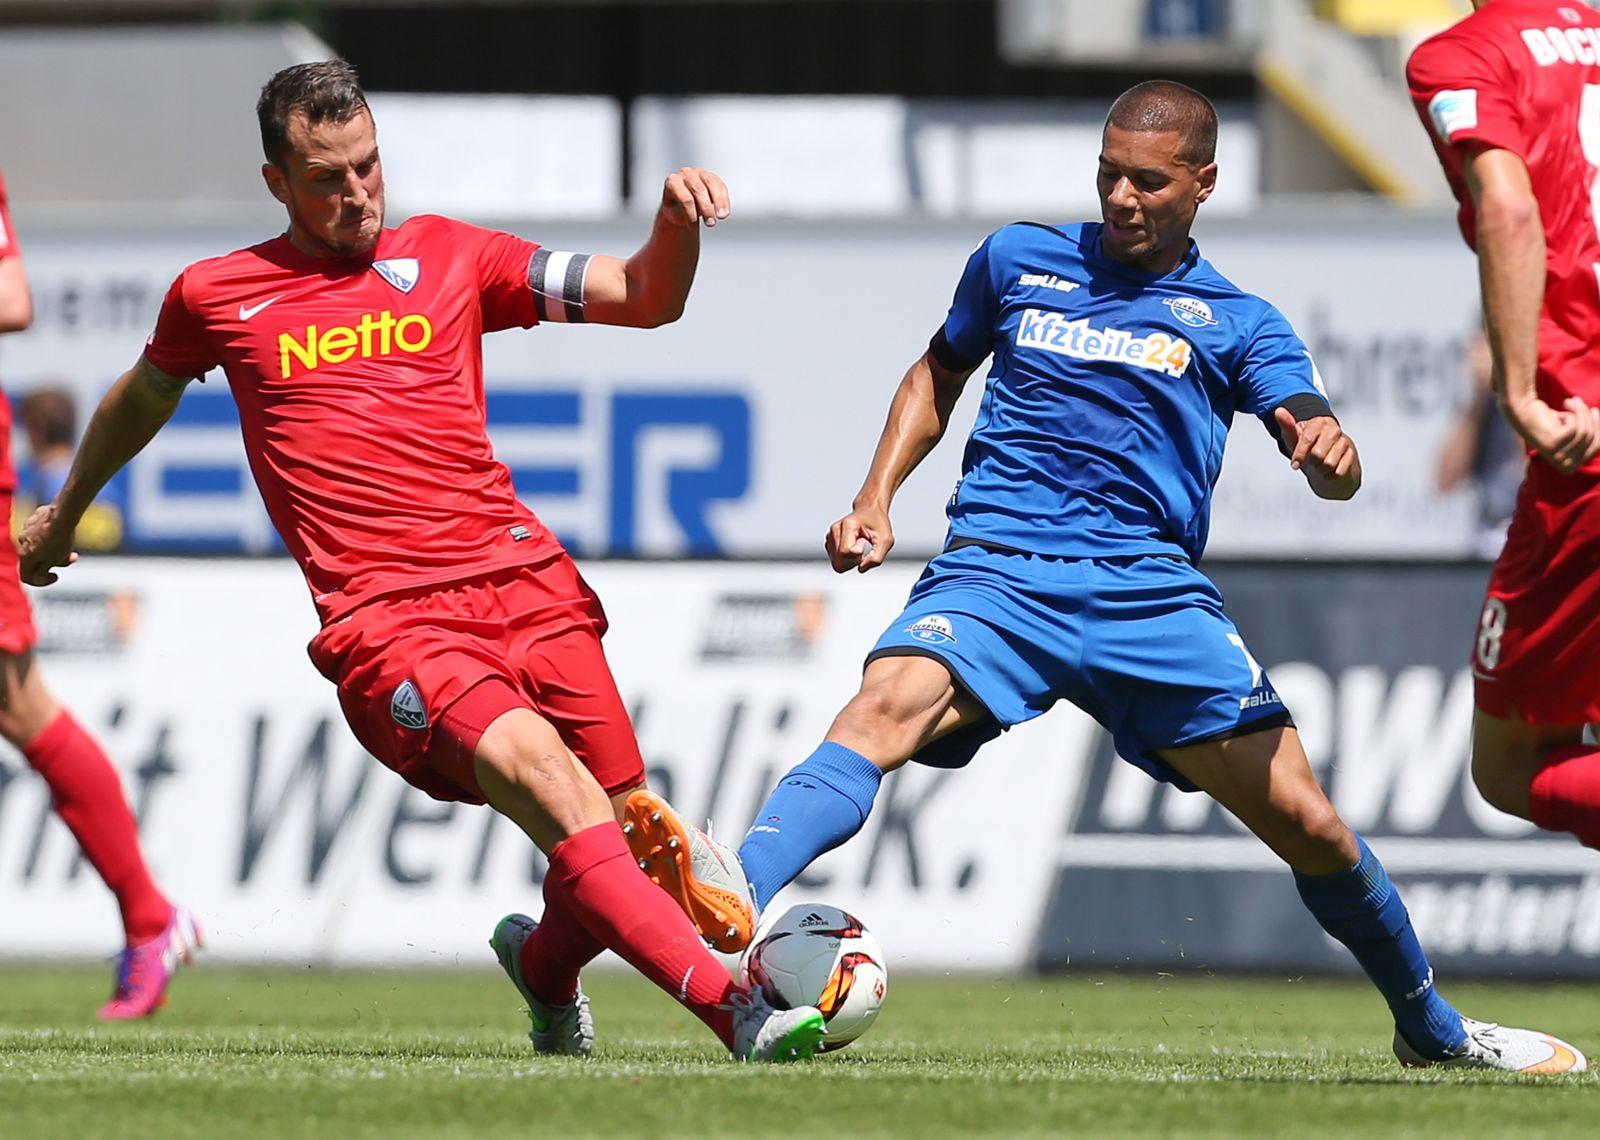 SC Paderborn - VfL Bochum